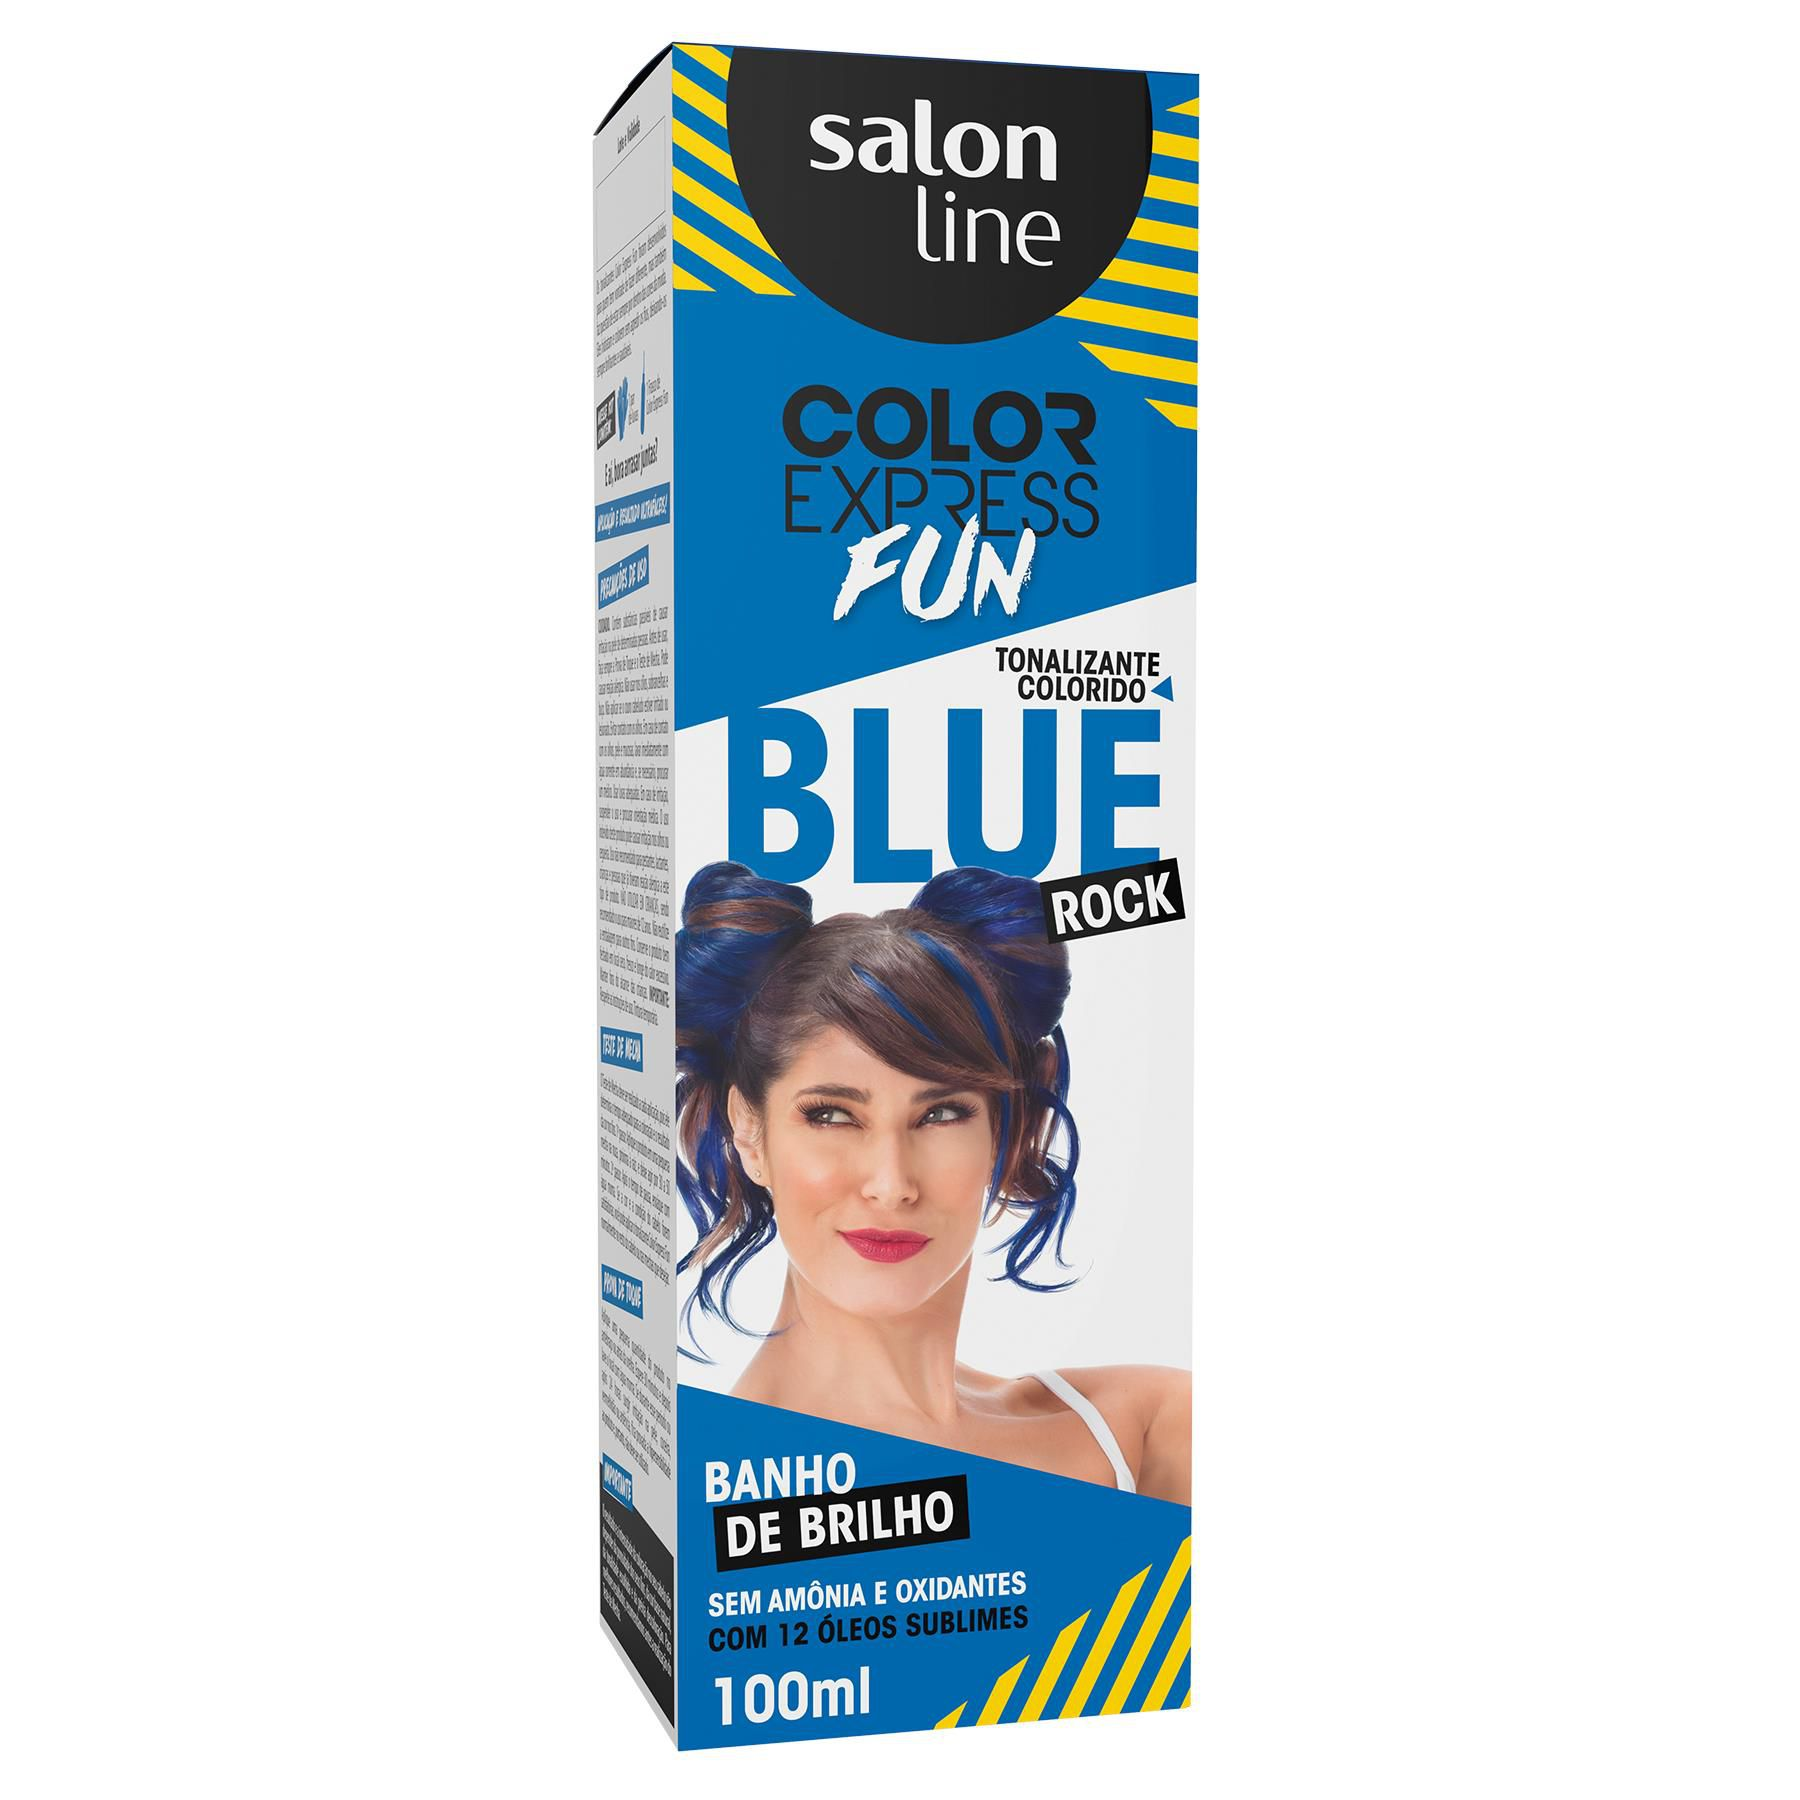 Salon Line Banho de Brilho Color Express Fun Blue Rock 100mL